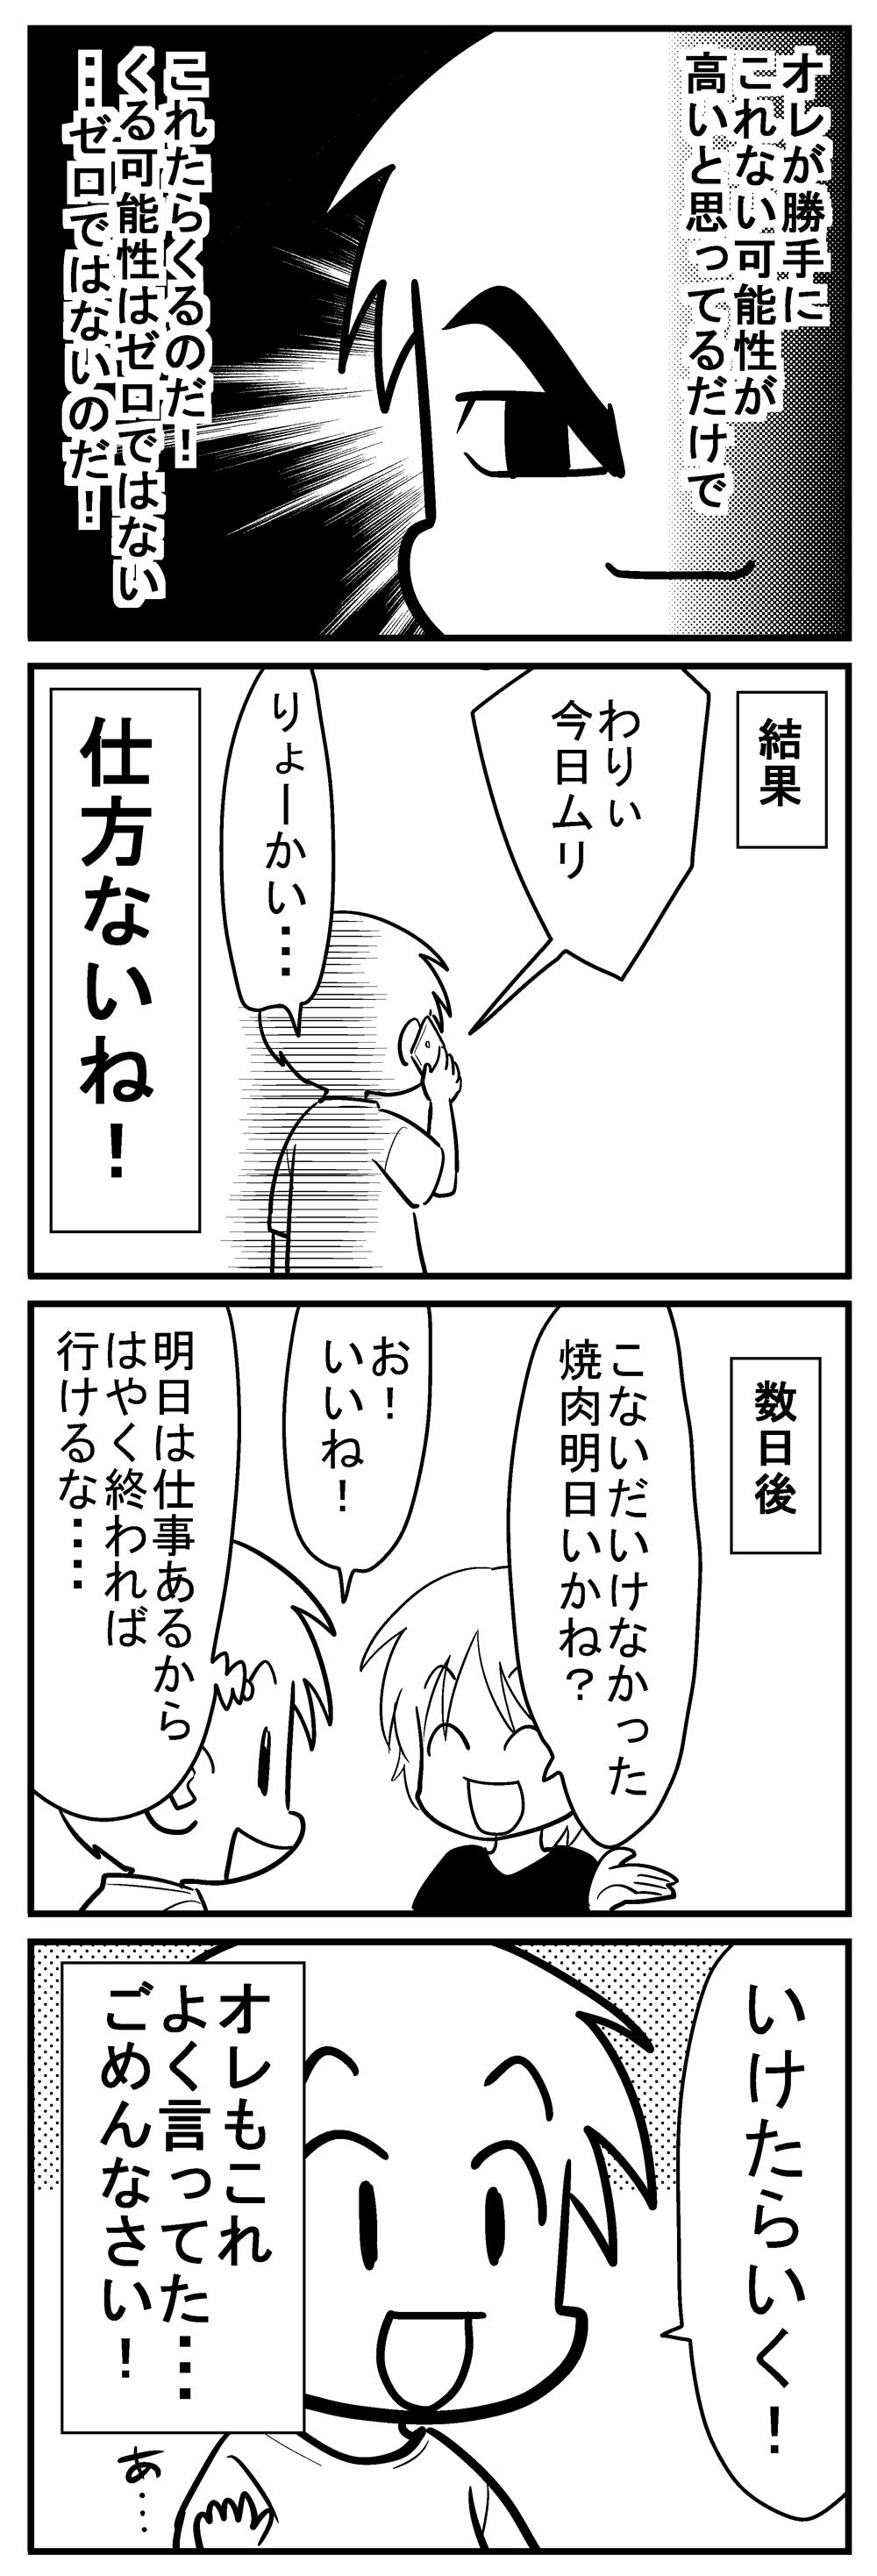 深読みくん77-4